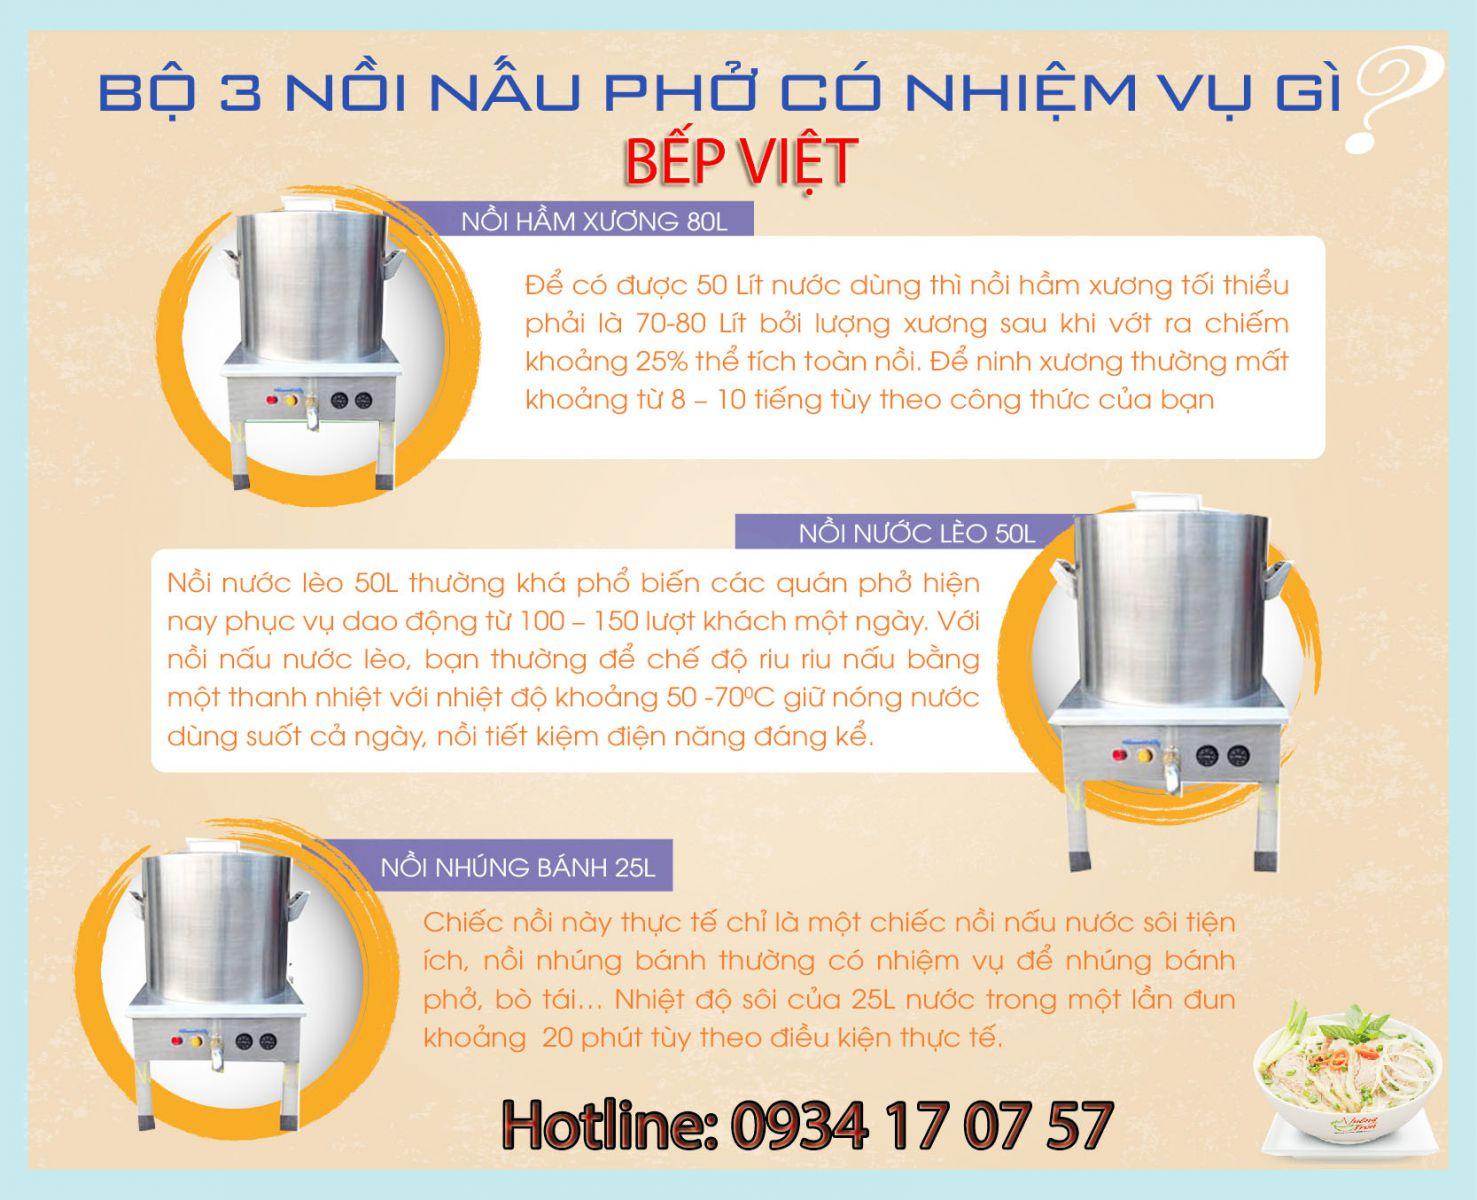 Bộ 3 nồi nấu phở bằng điện 30L-50L-80L